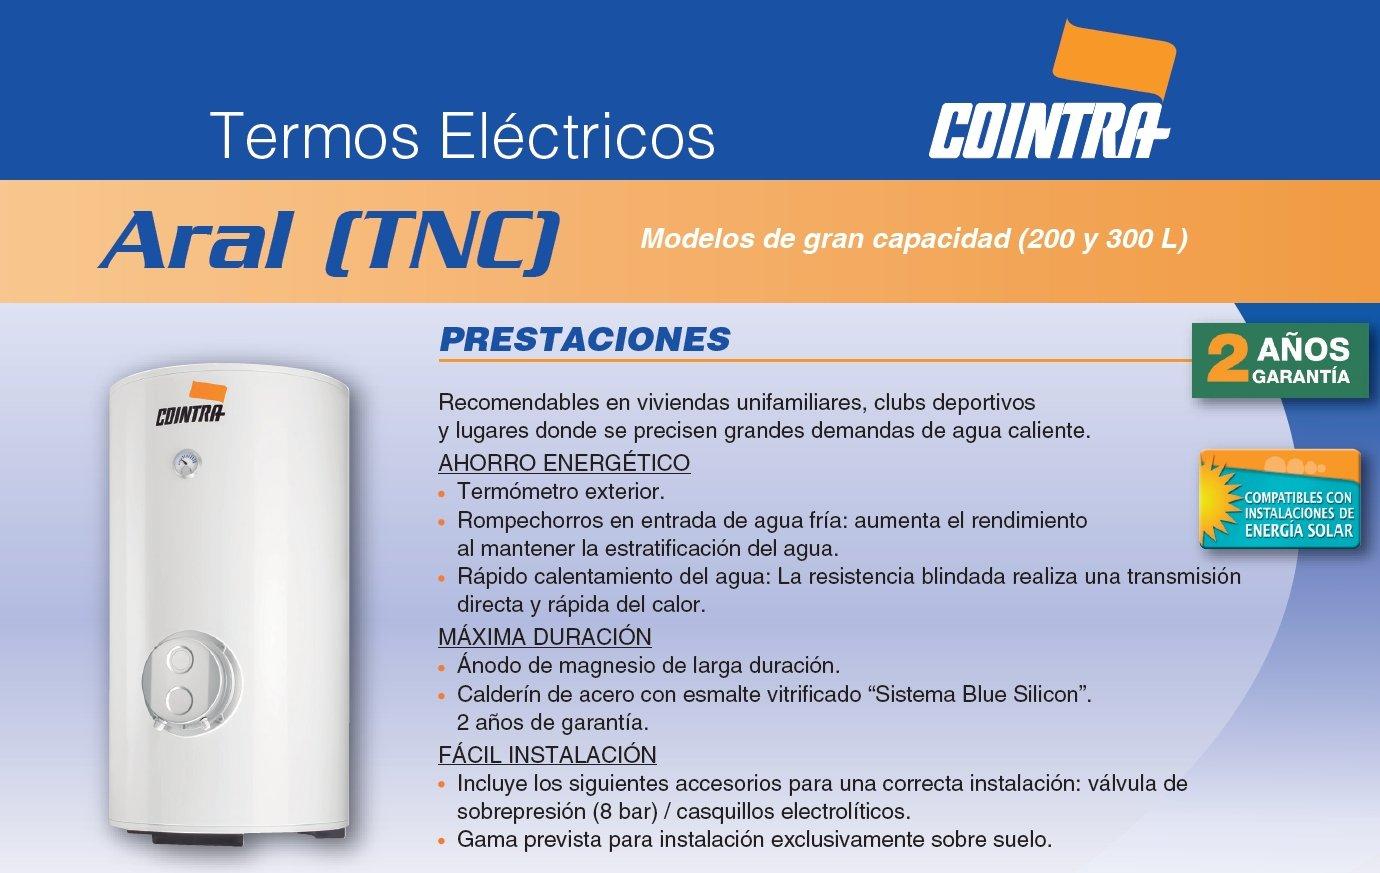 Cointra Godesia 14305 - Termo, 200 Nv vertical, 200 l, color blanco: Amazon.es: Hogar